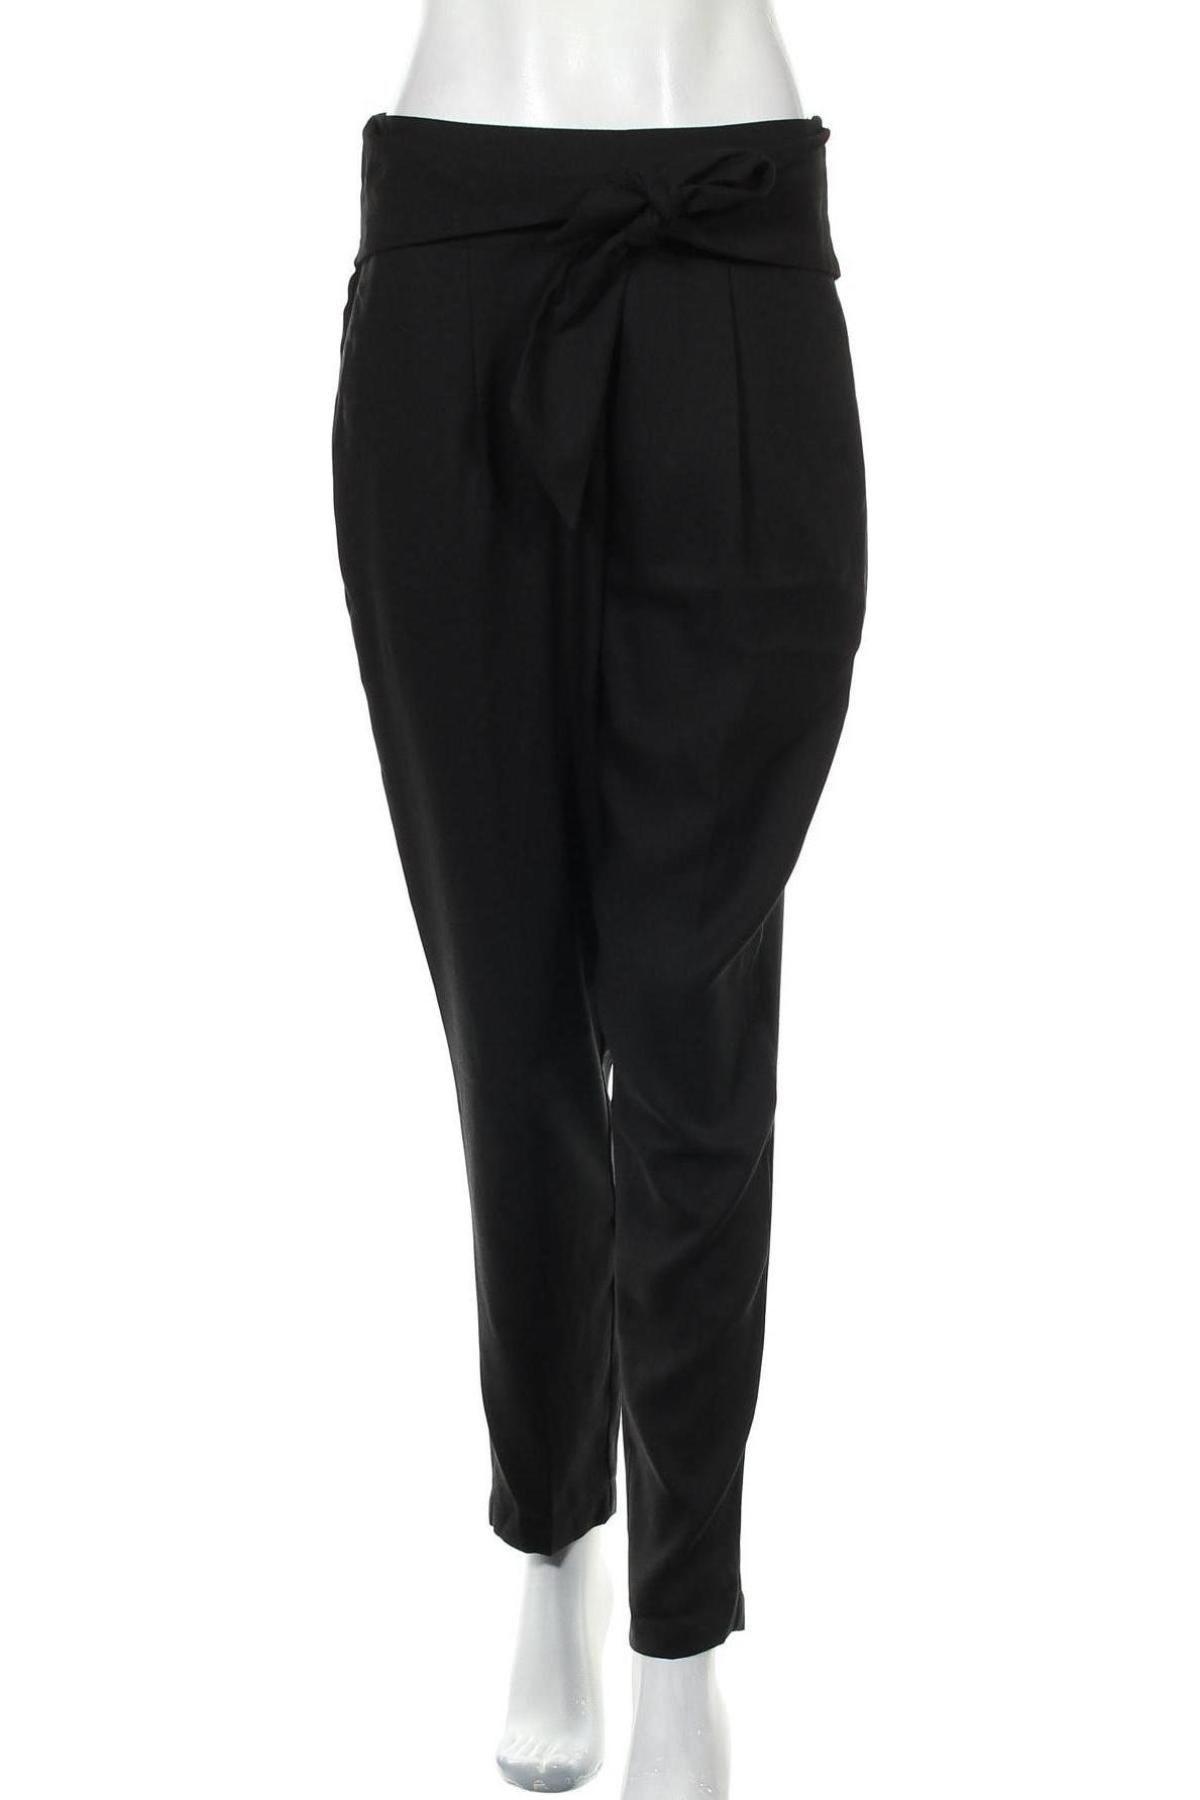 Дамски панталон Lascana, Размер M, Цвят Черен, Полиестер, Цена 17,23лв.